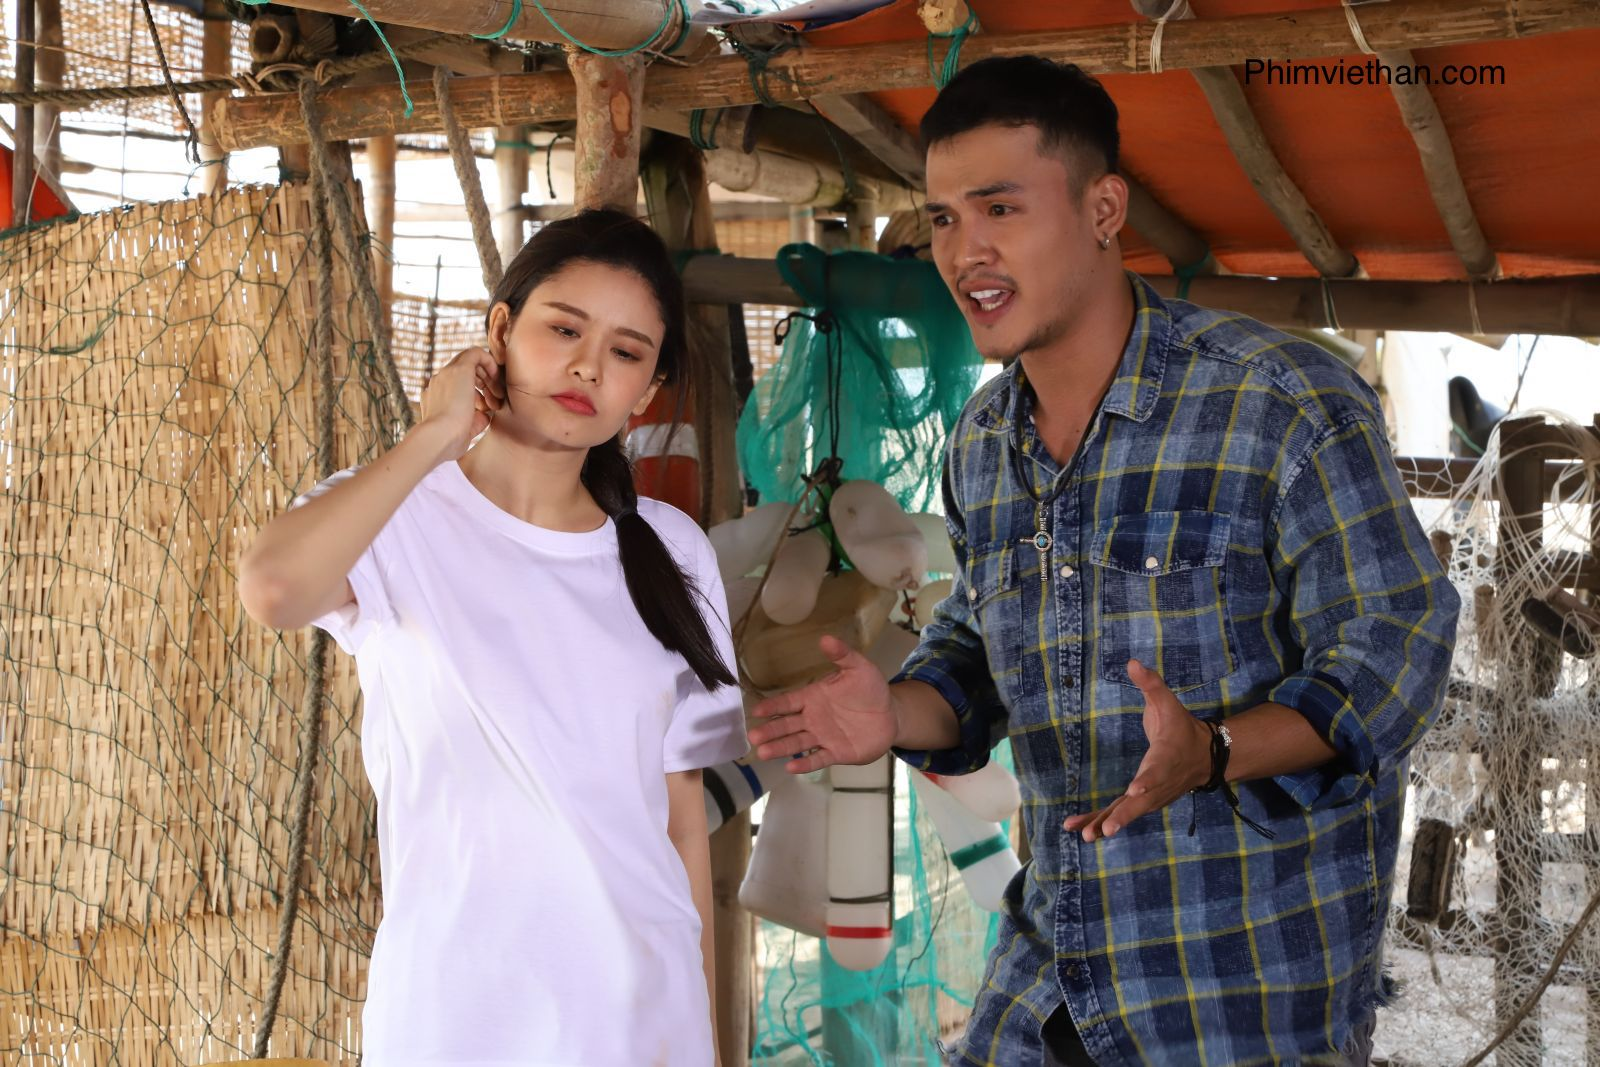 Phim thả lưới bắt em Việt Nam 2019